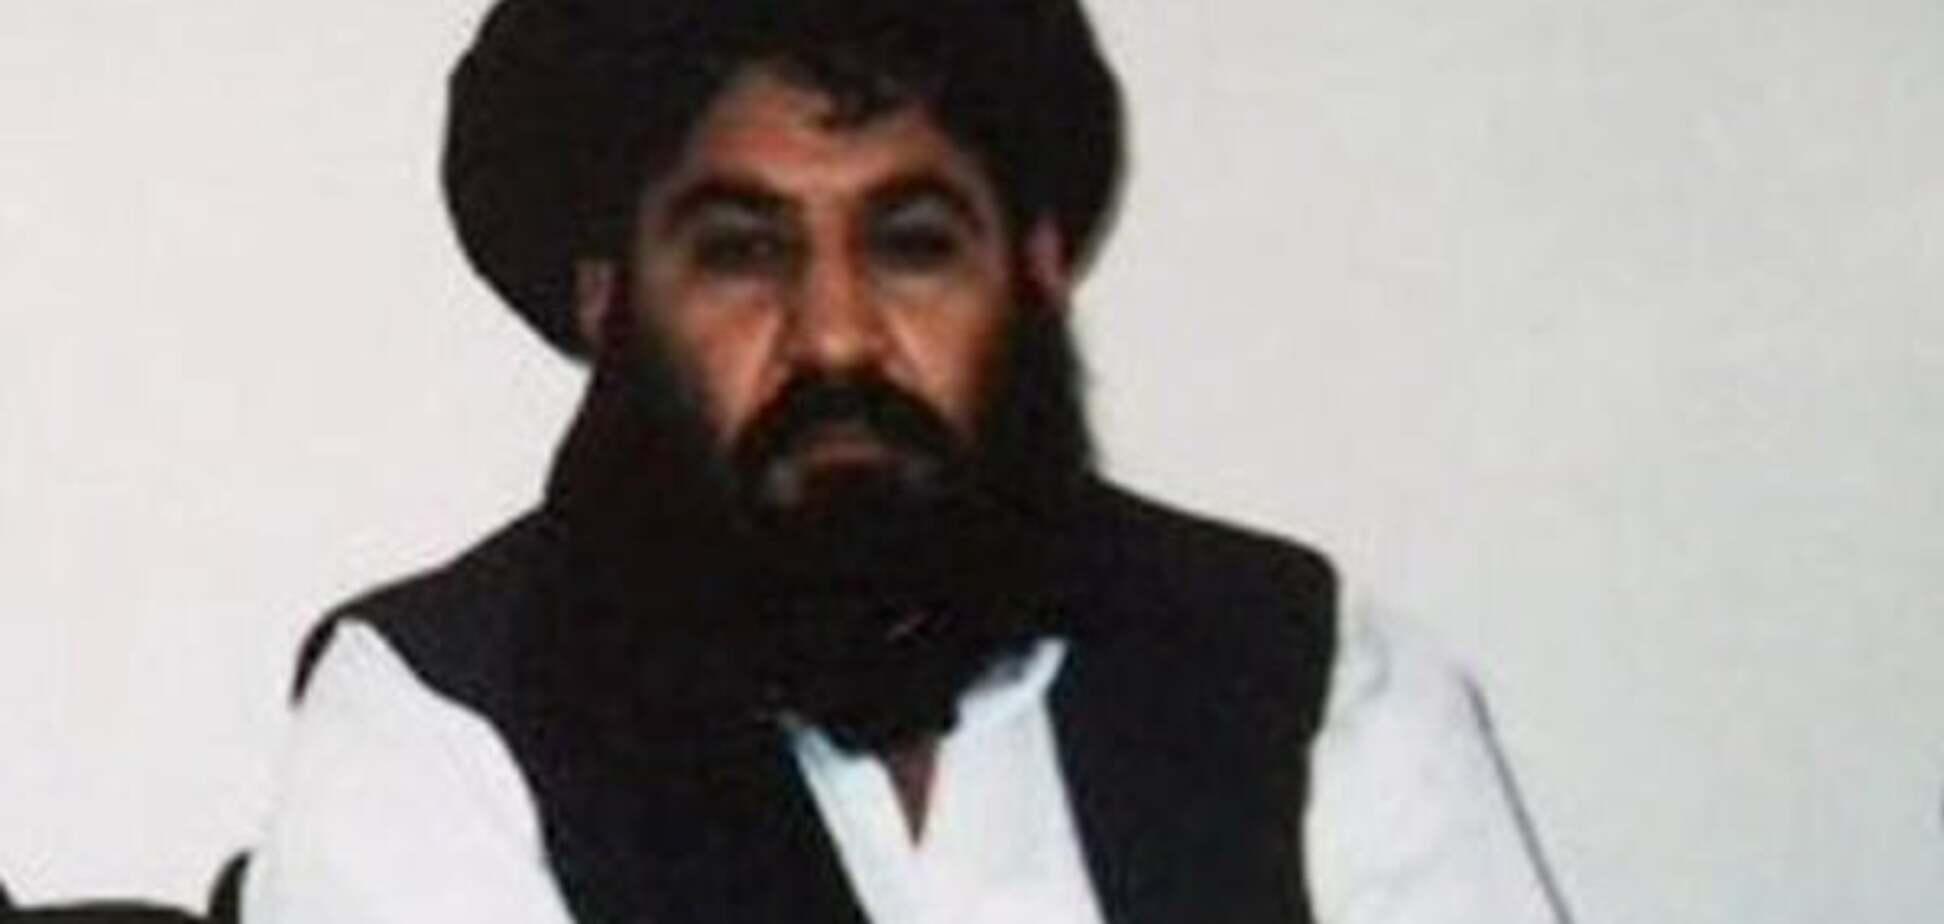 'Талібан' обезголовлений: мулла Мансур загинув у перестрілці